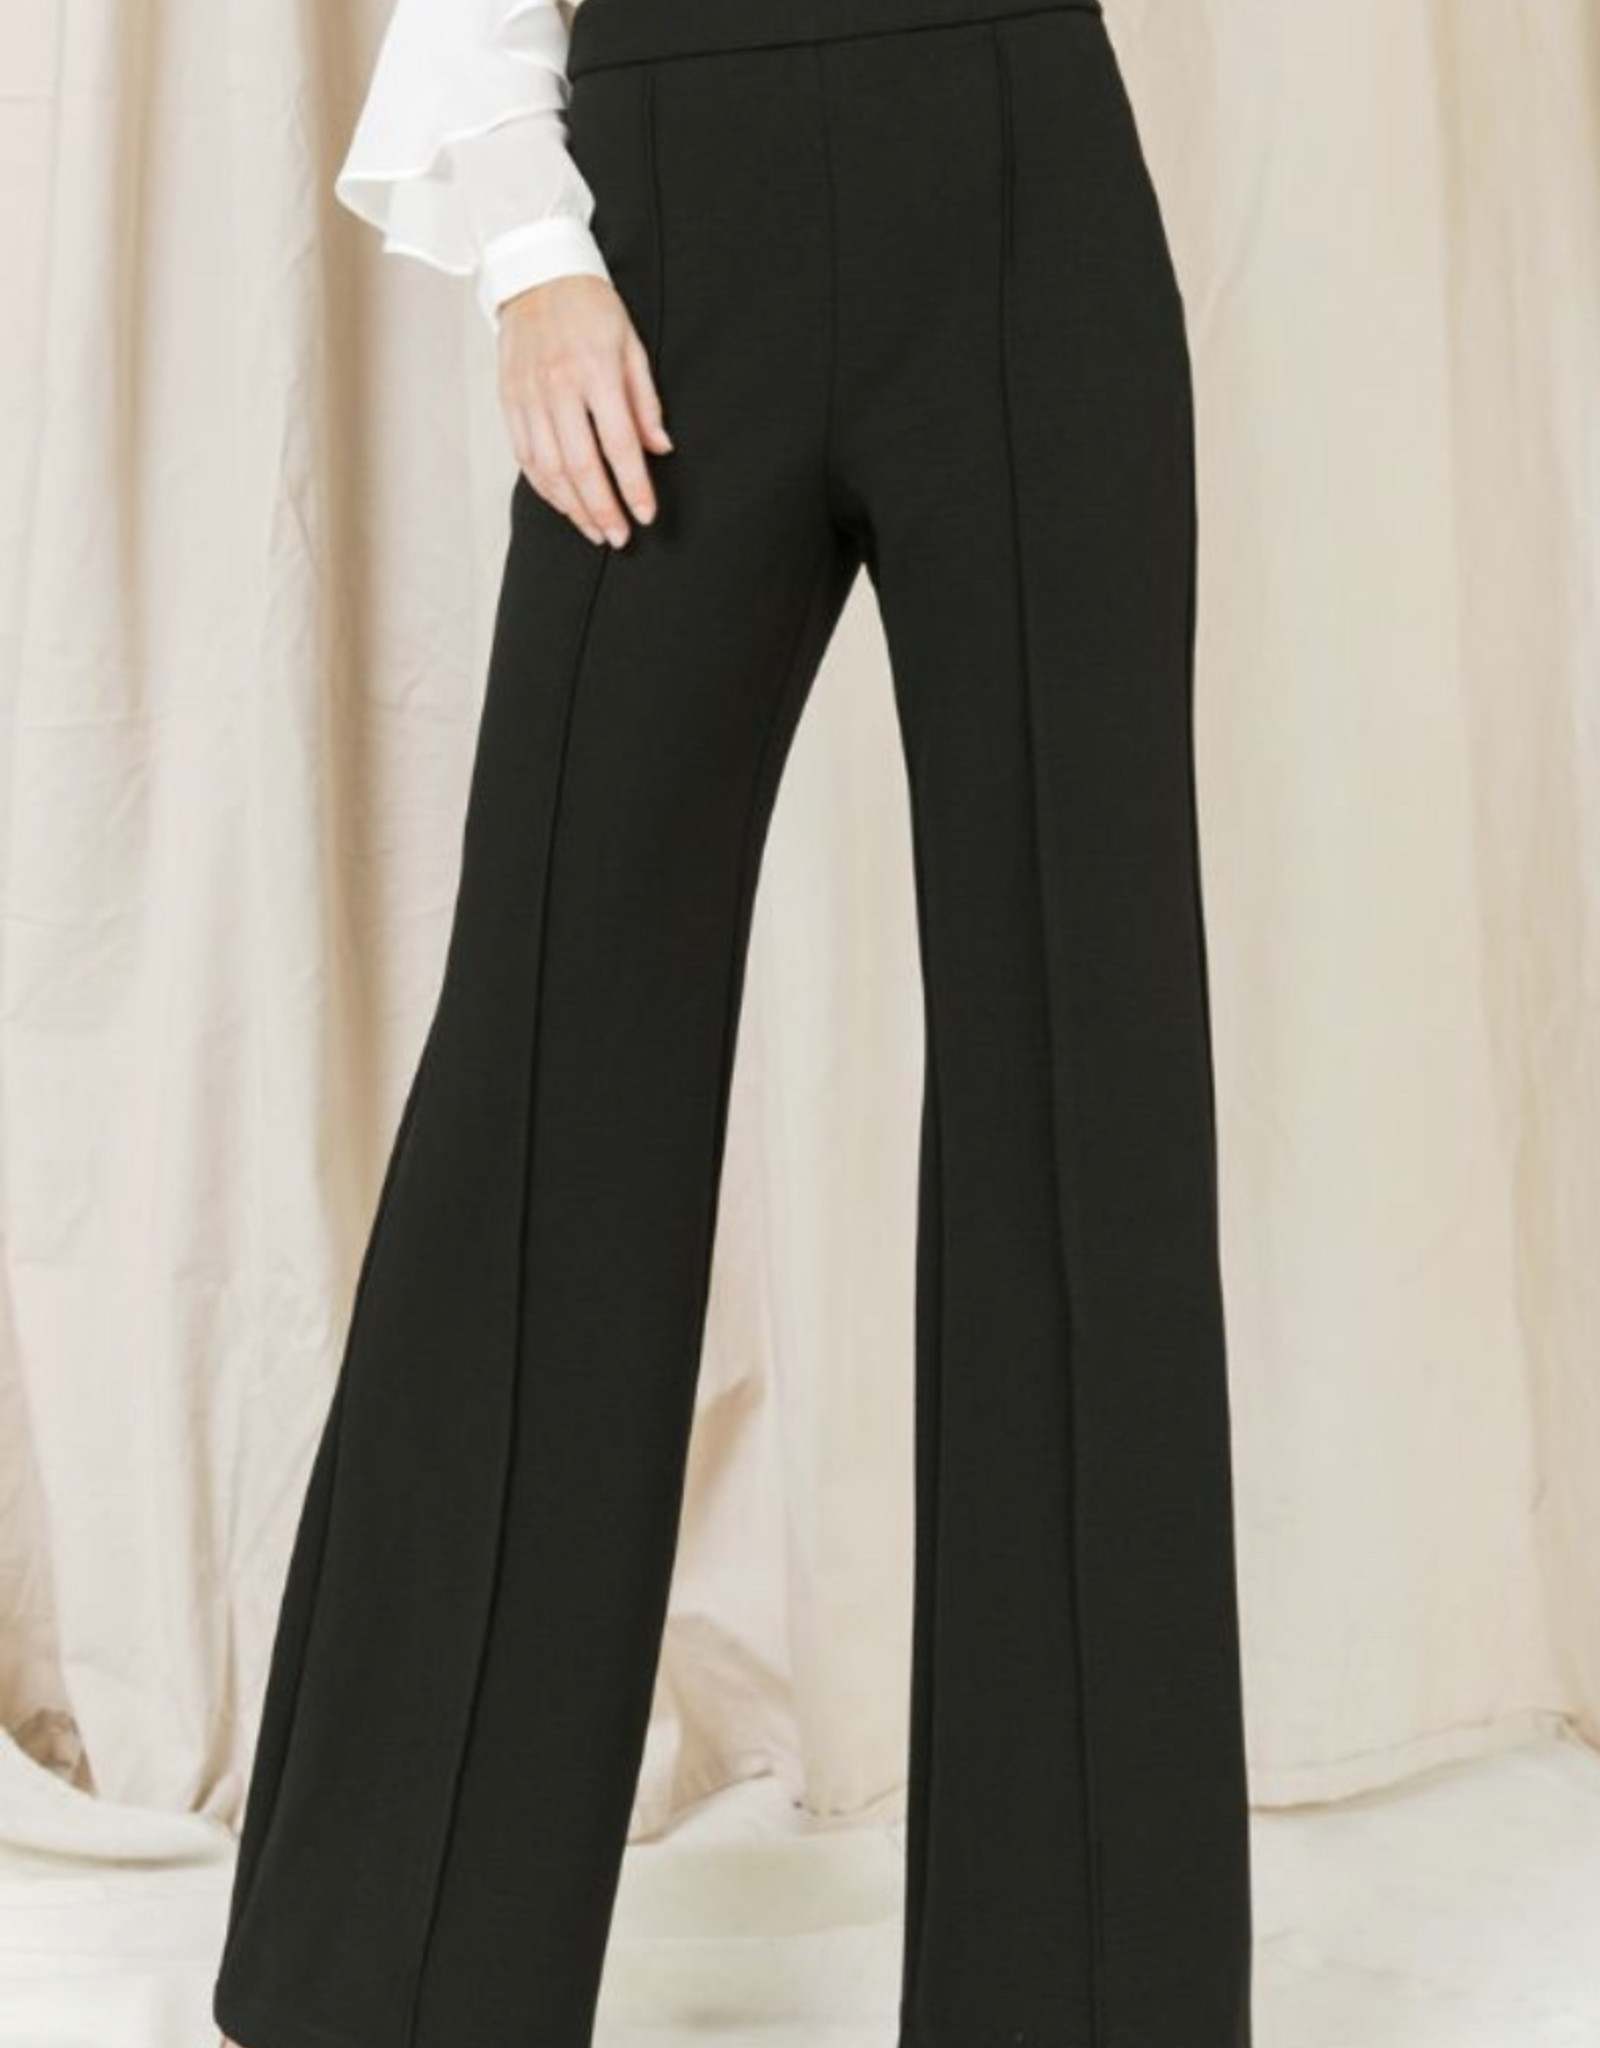 Best Black Pants